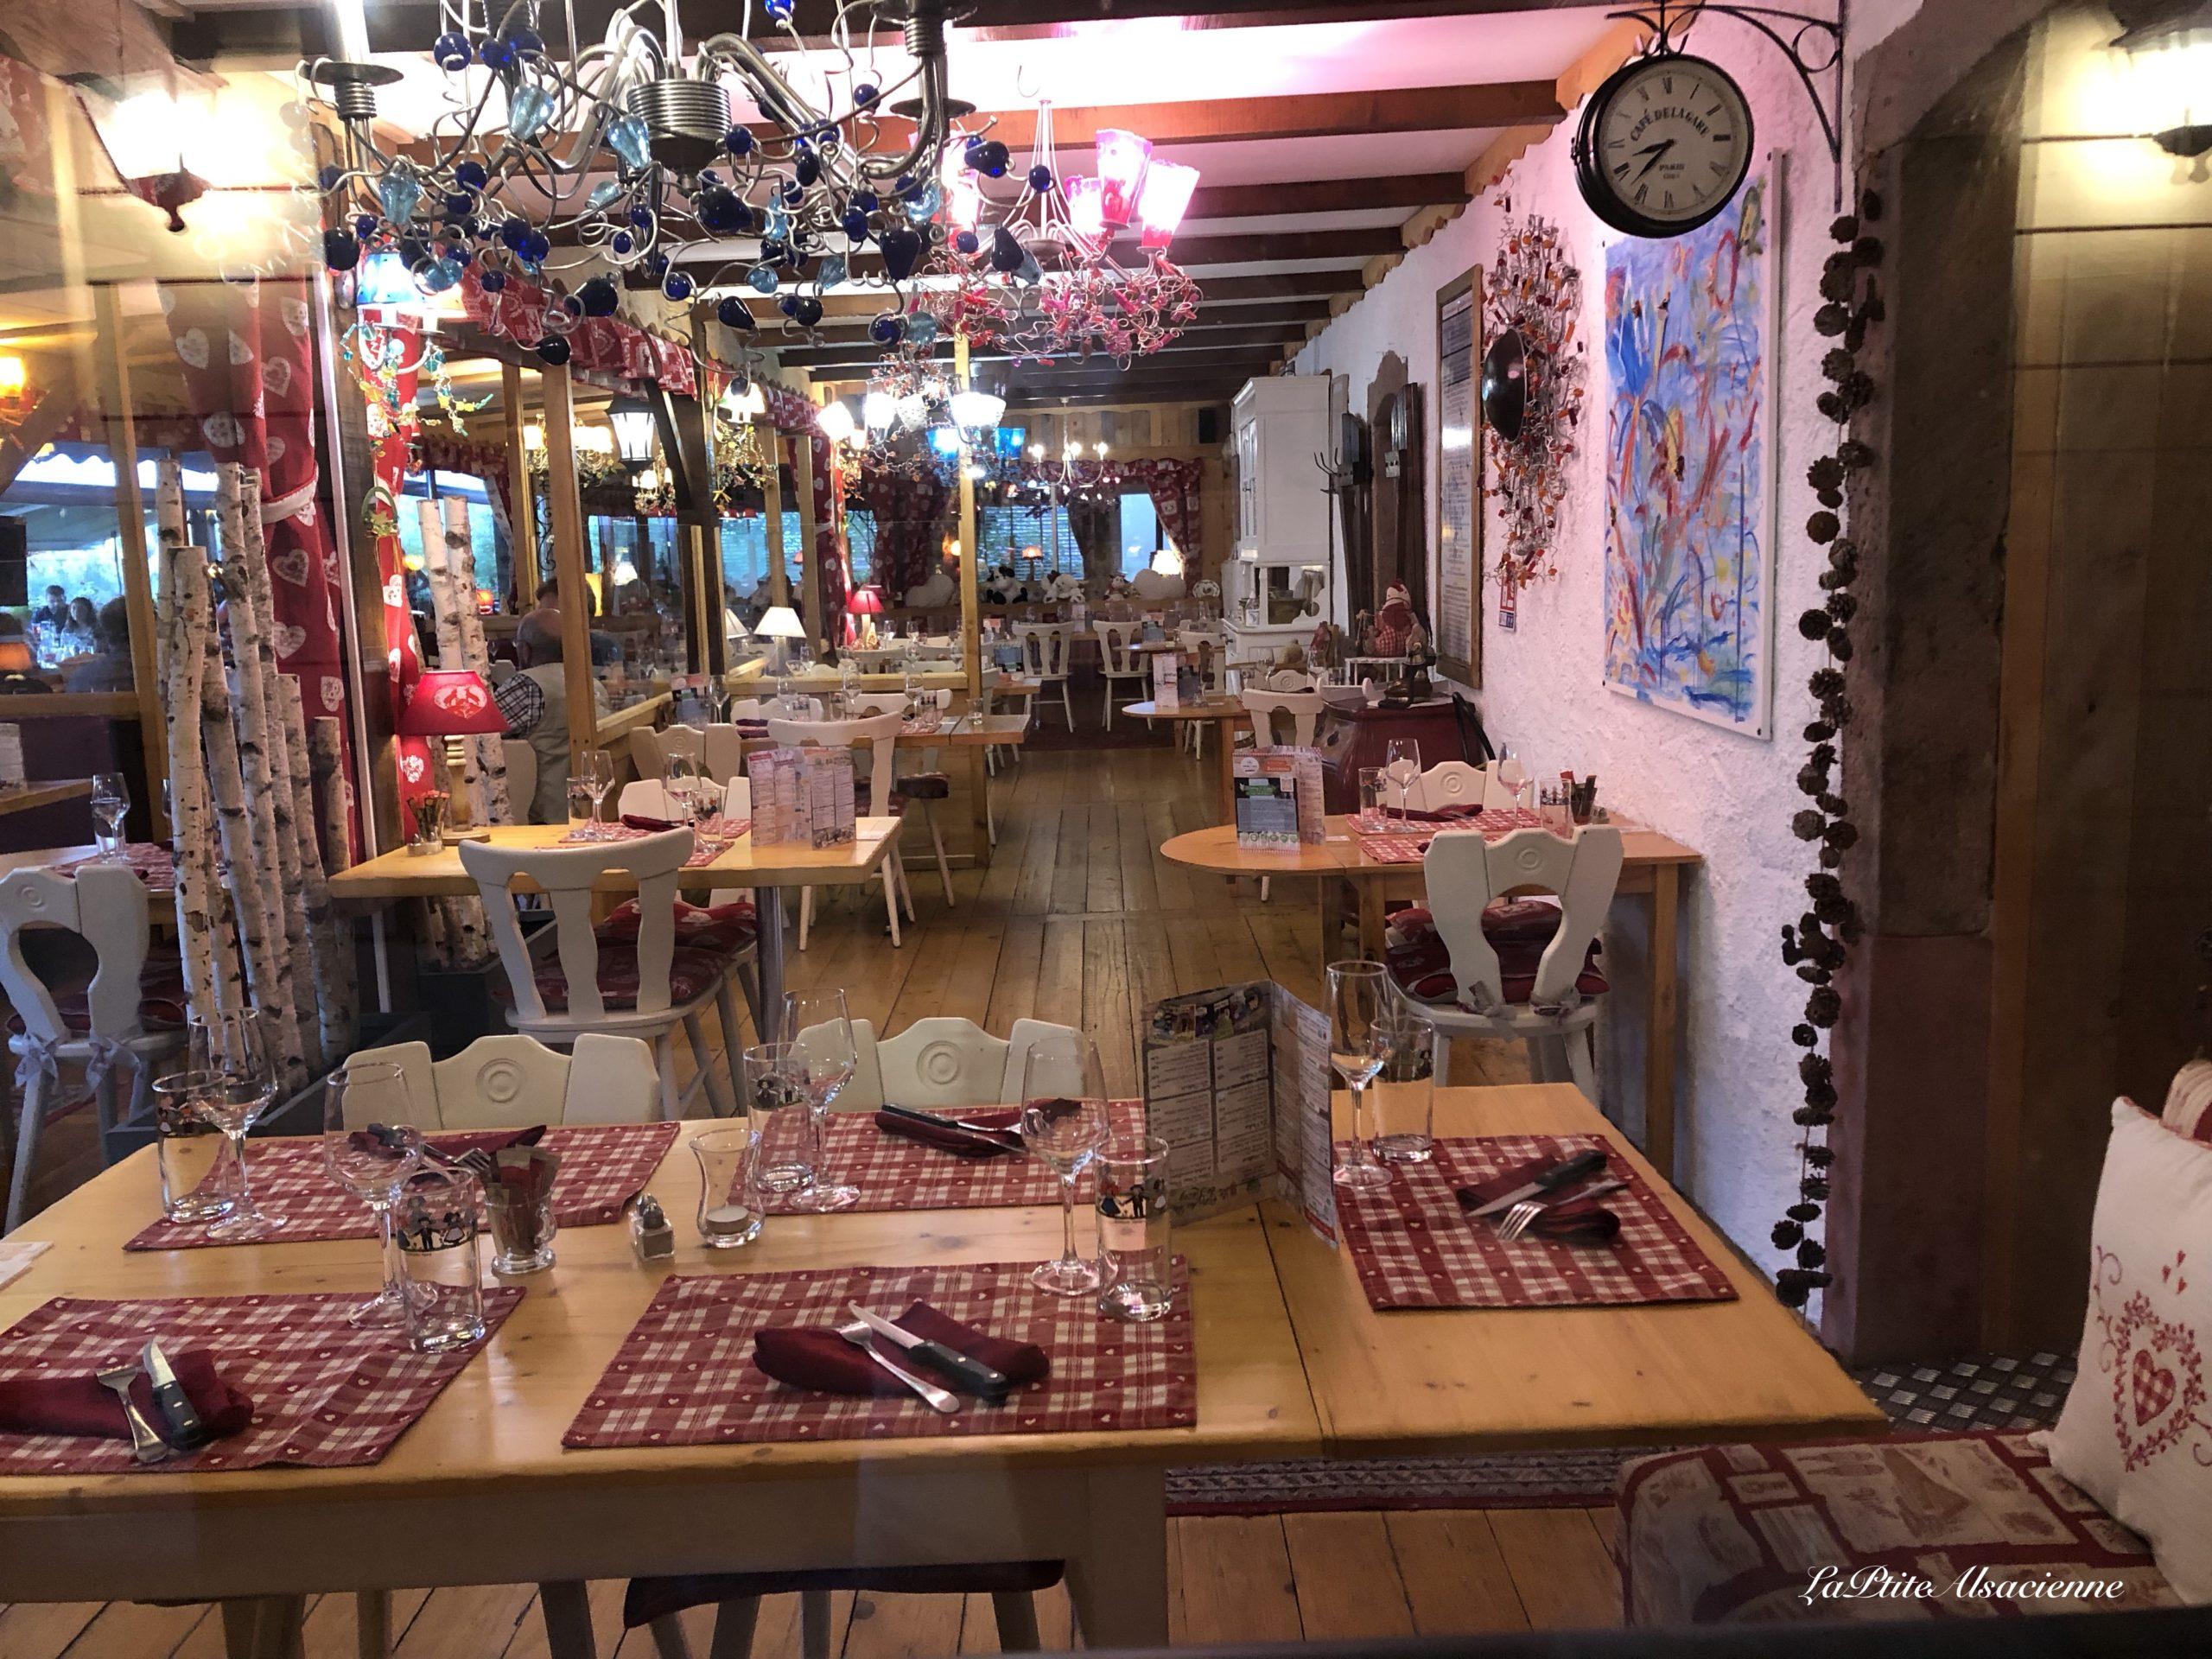 Salle de restaurant - Auberge de Liézey dans les Vosges - Photo de Cendrine Miesch dite LaPtiteAlsacienne